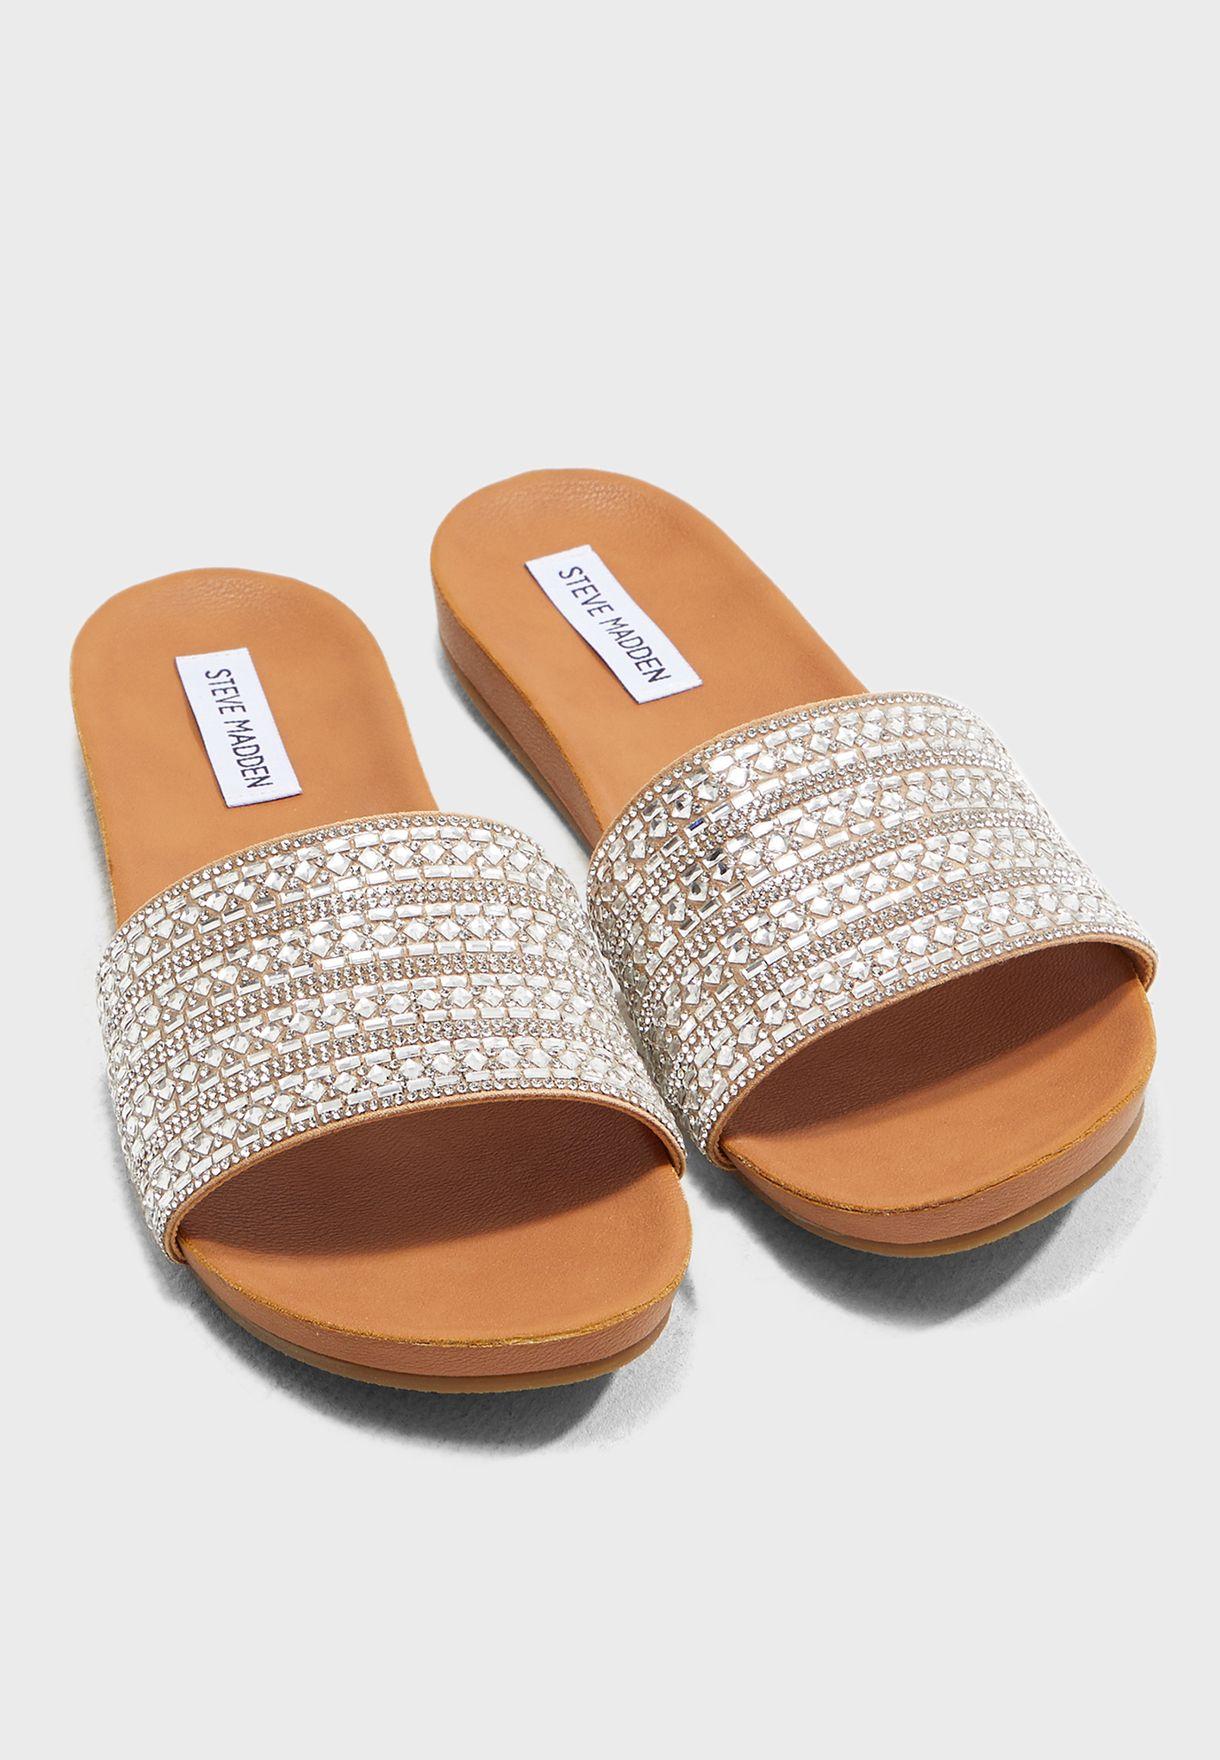 2ed6d32446d5 Shop Steve Madden silver Dazzle Flat Sandal - Stone DAZZLE for Women ...